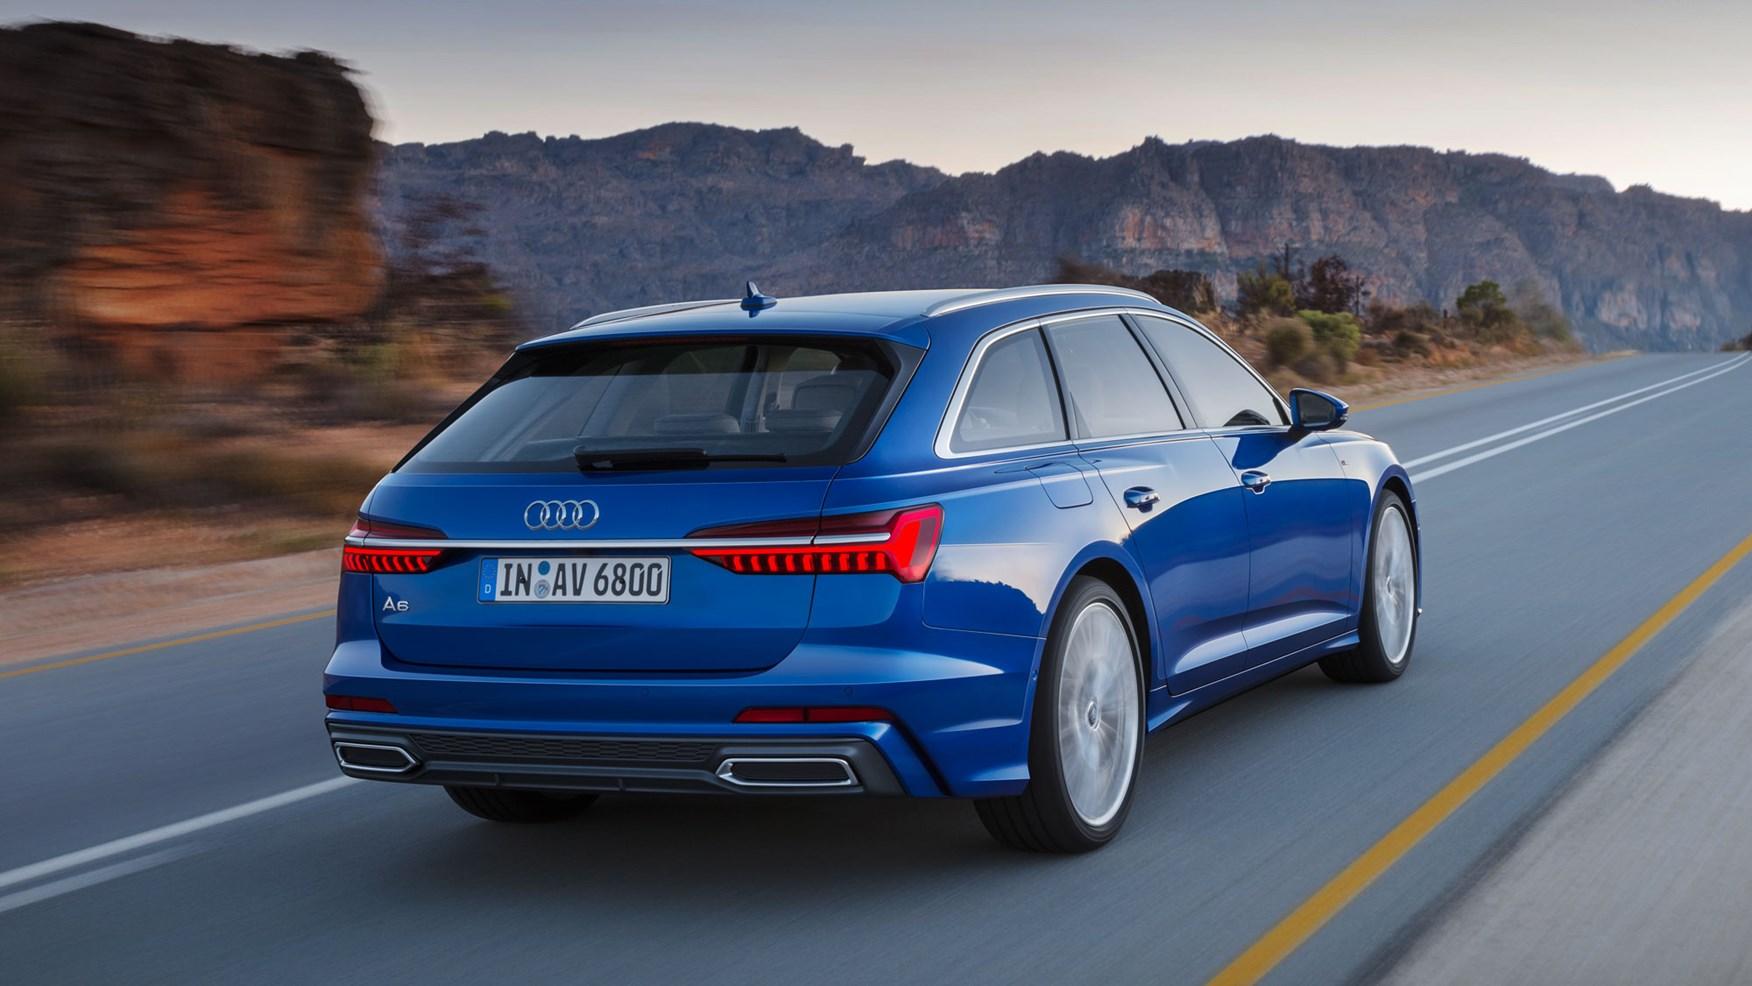 Kelebihan Avant Audi Murah Berkualitas